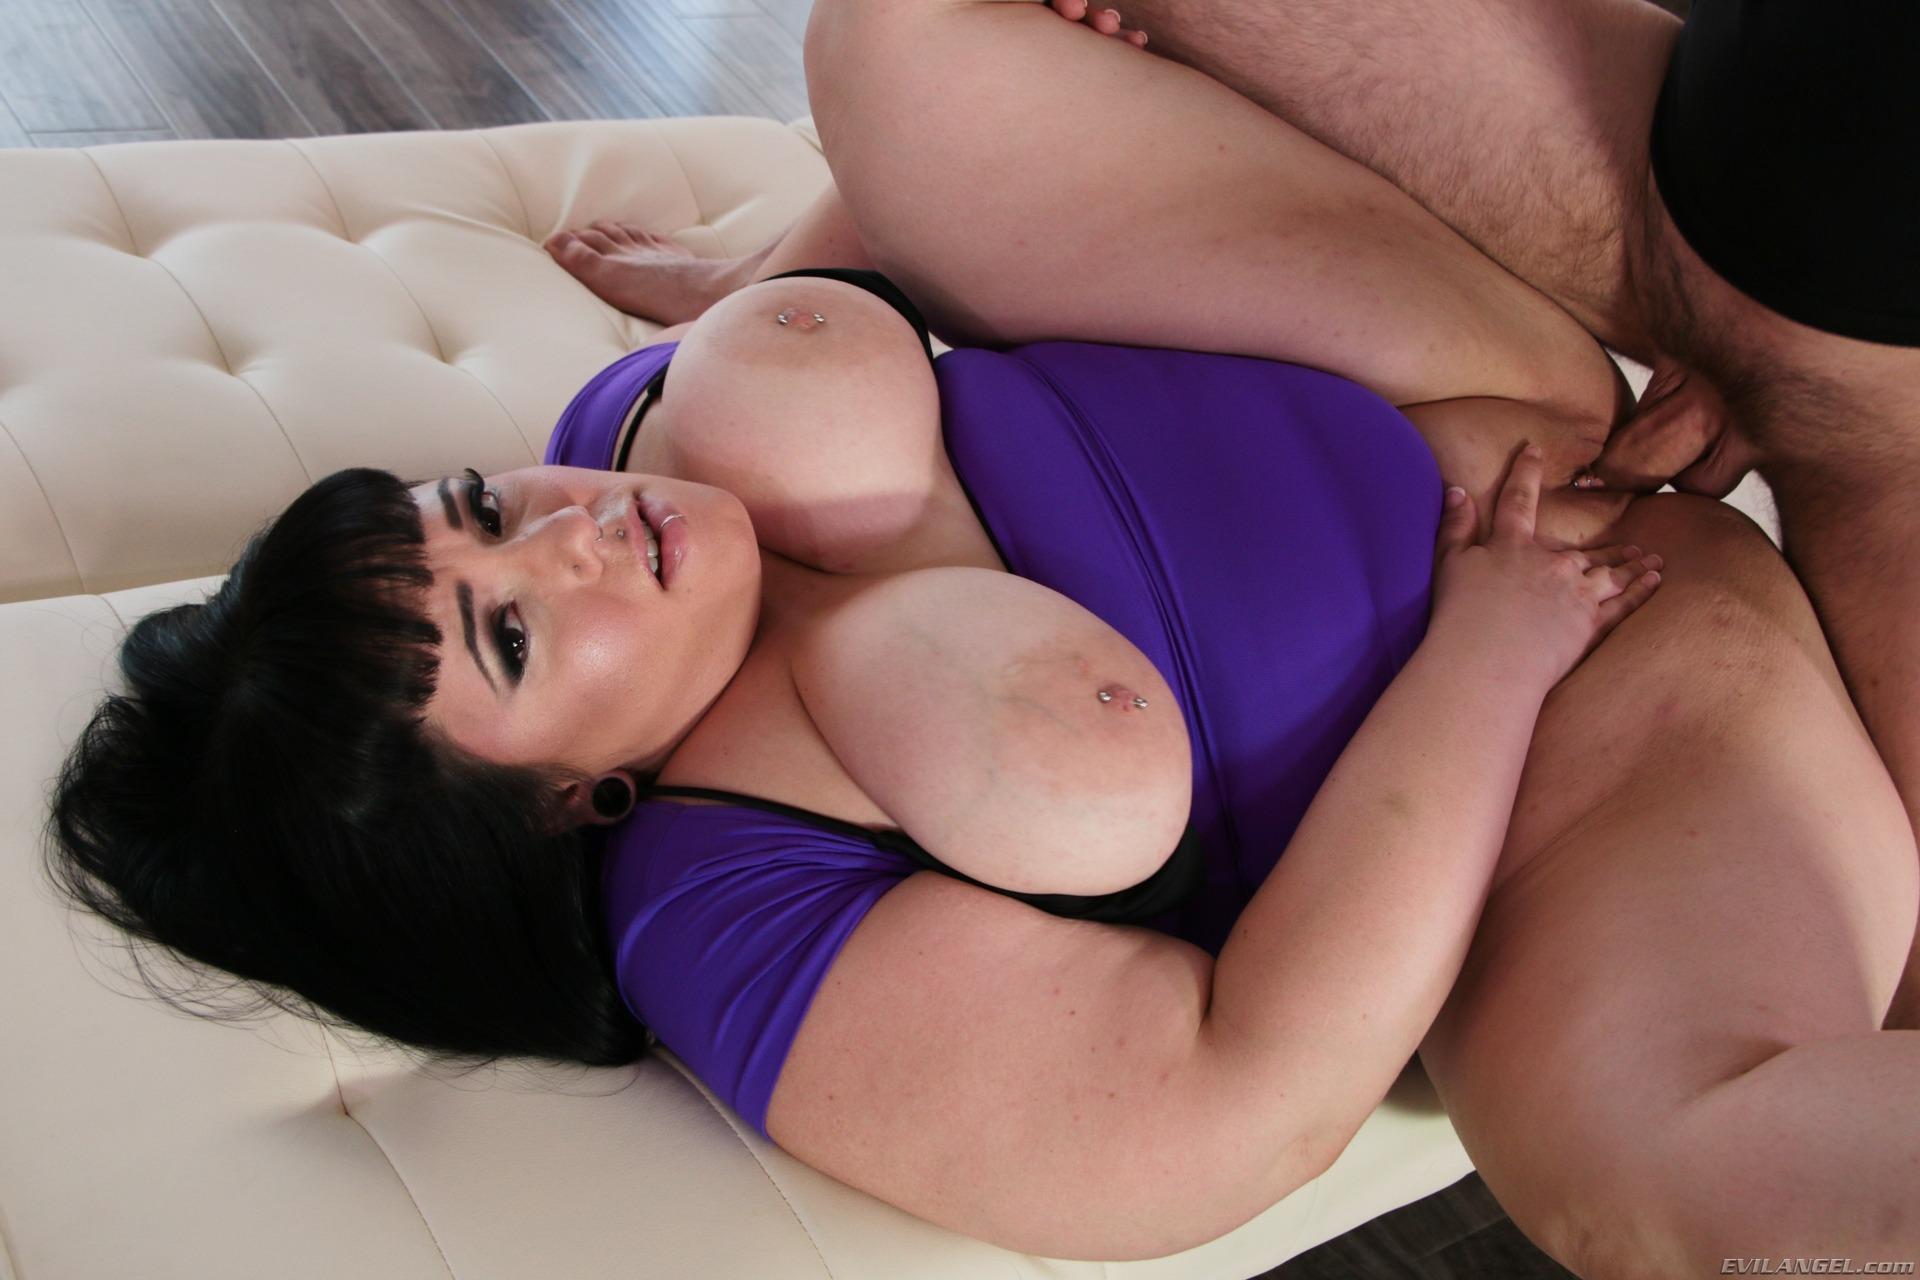 Bbws alexxxis allure and lady lynn sex 6